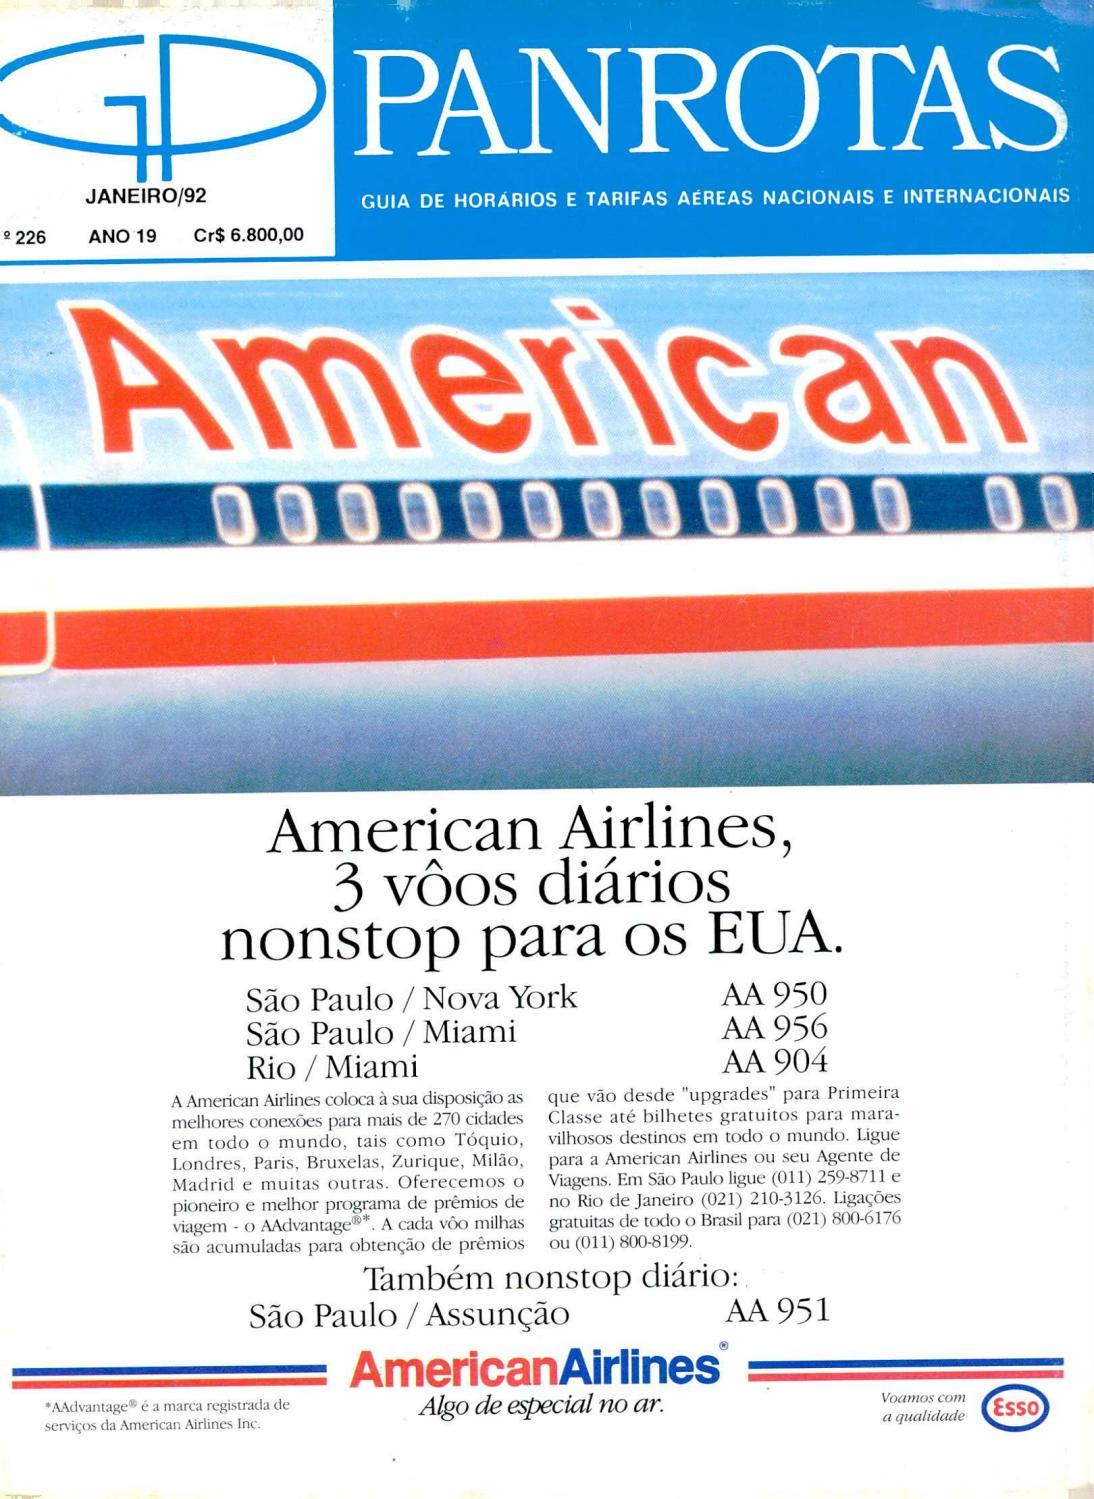 Guia PANROTAS - Edição 226 - Janeiro 1992 by PANROTAS Editora - issuu e1aea9414a